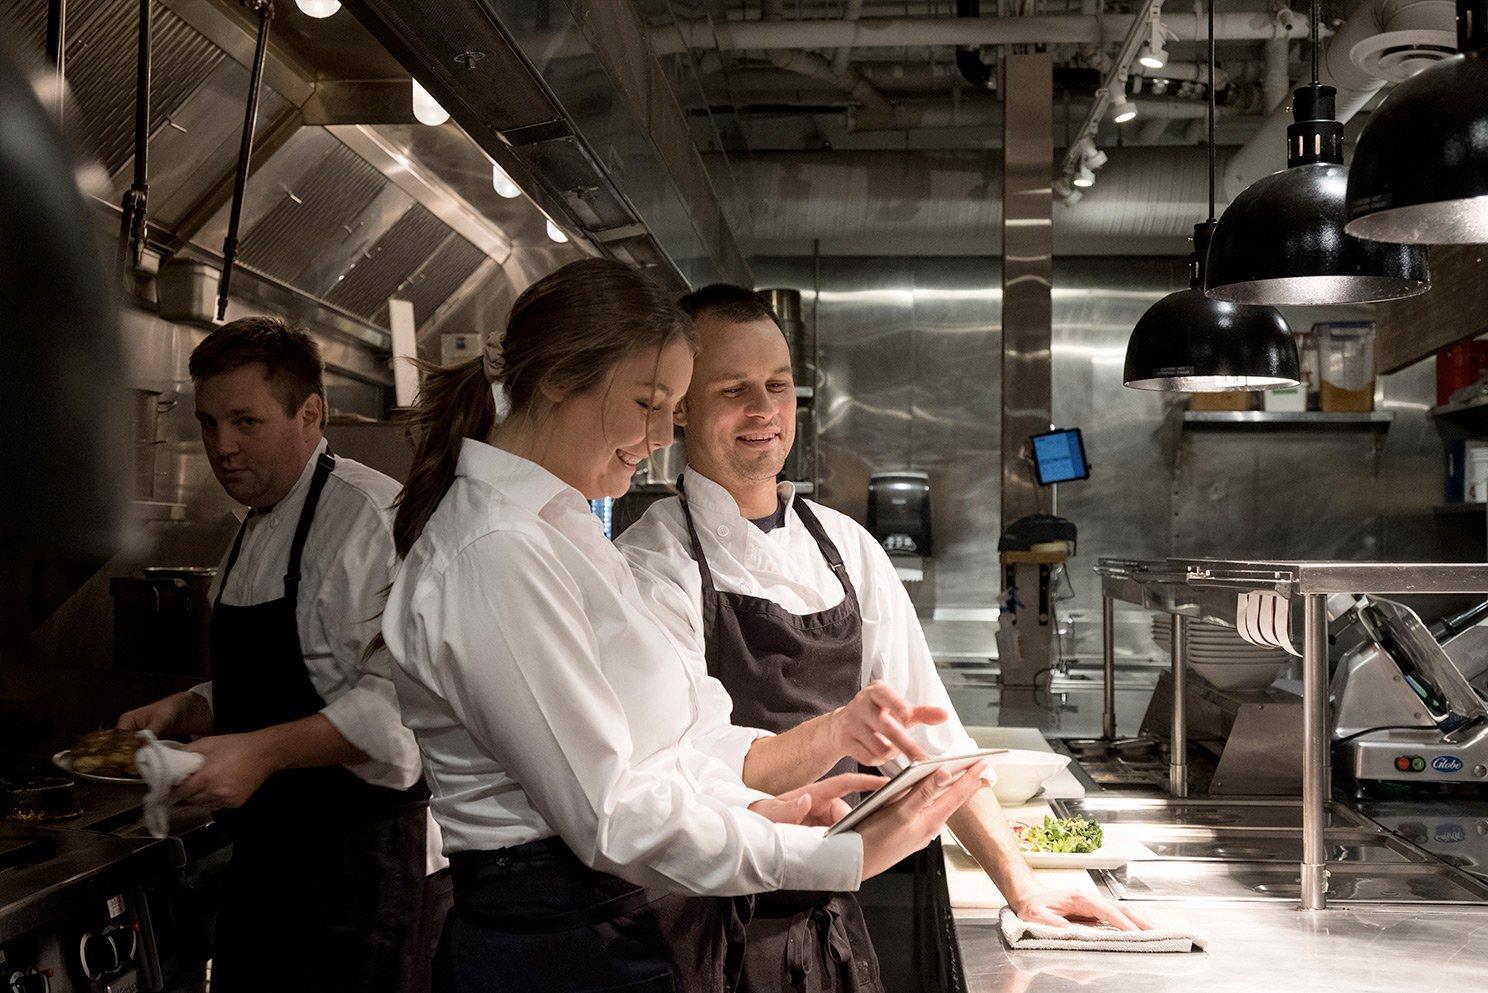 Comunicación Interna para entornos de alta cocina